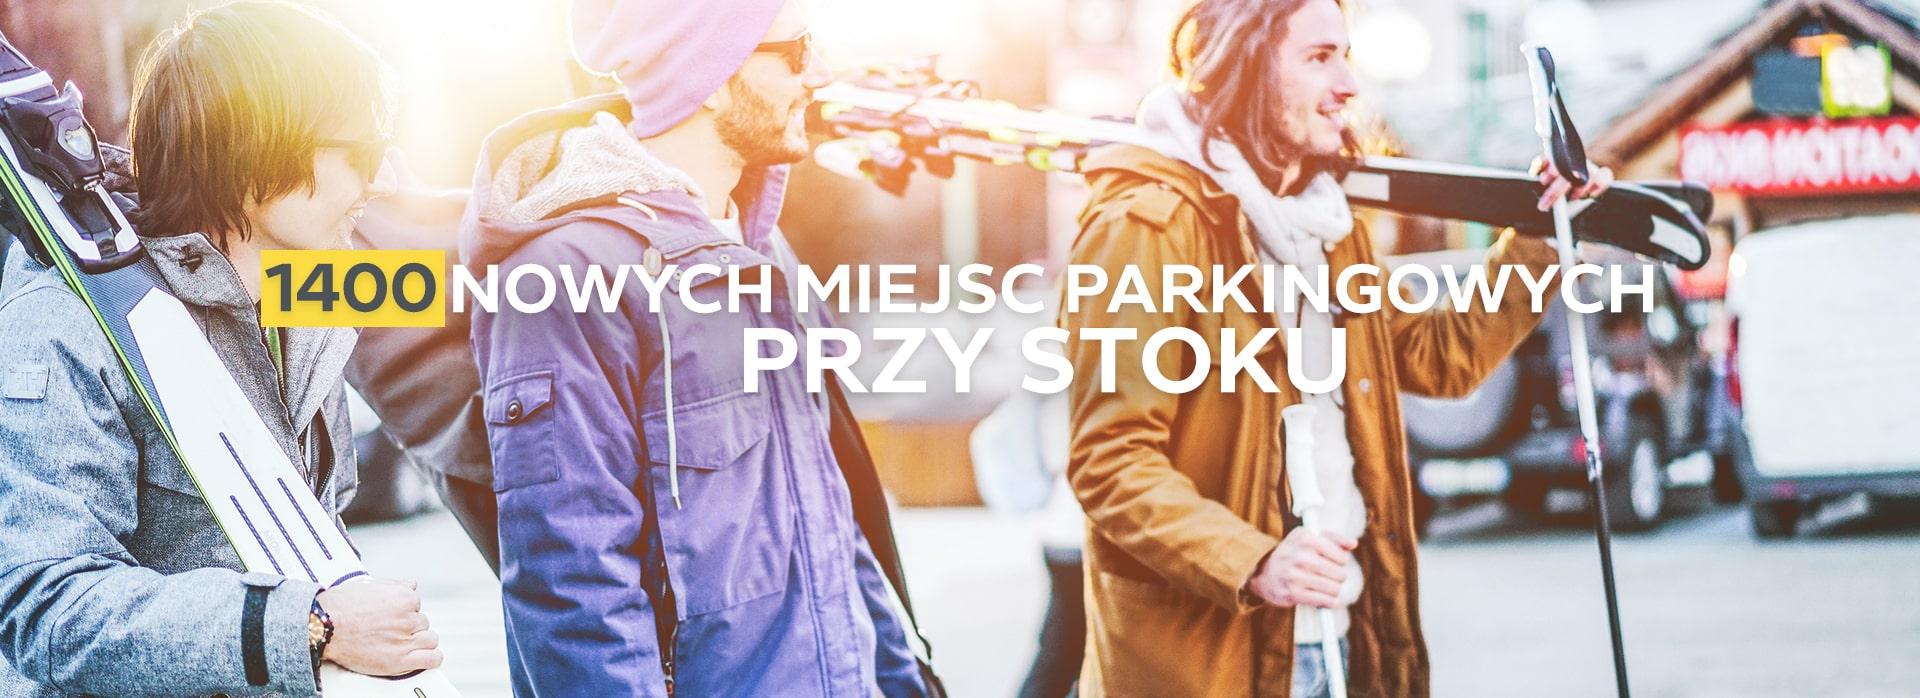 1400 nowych miejsc parkingowych przy stoku